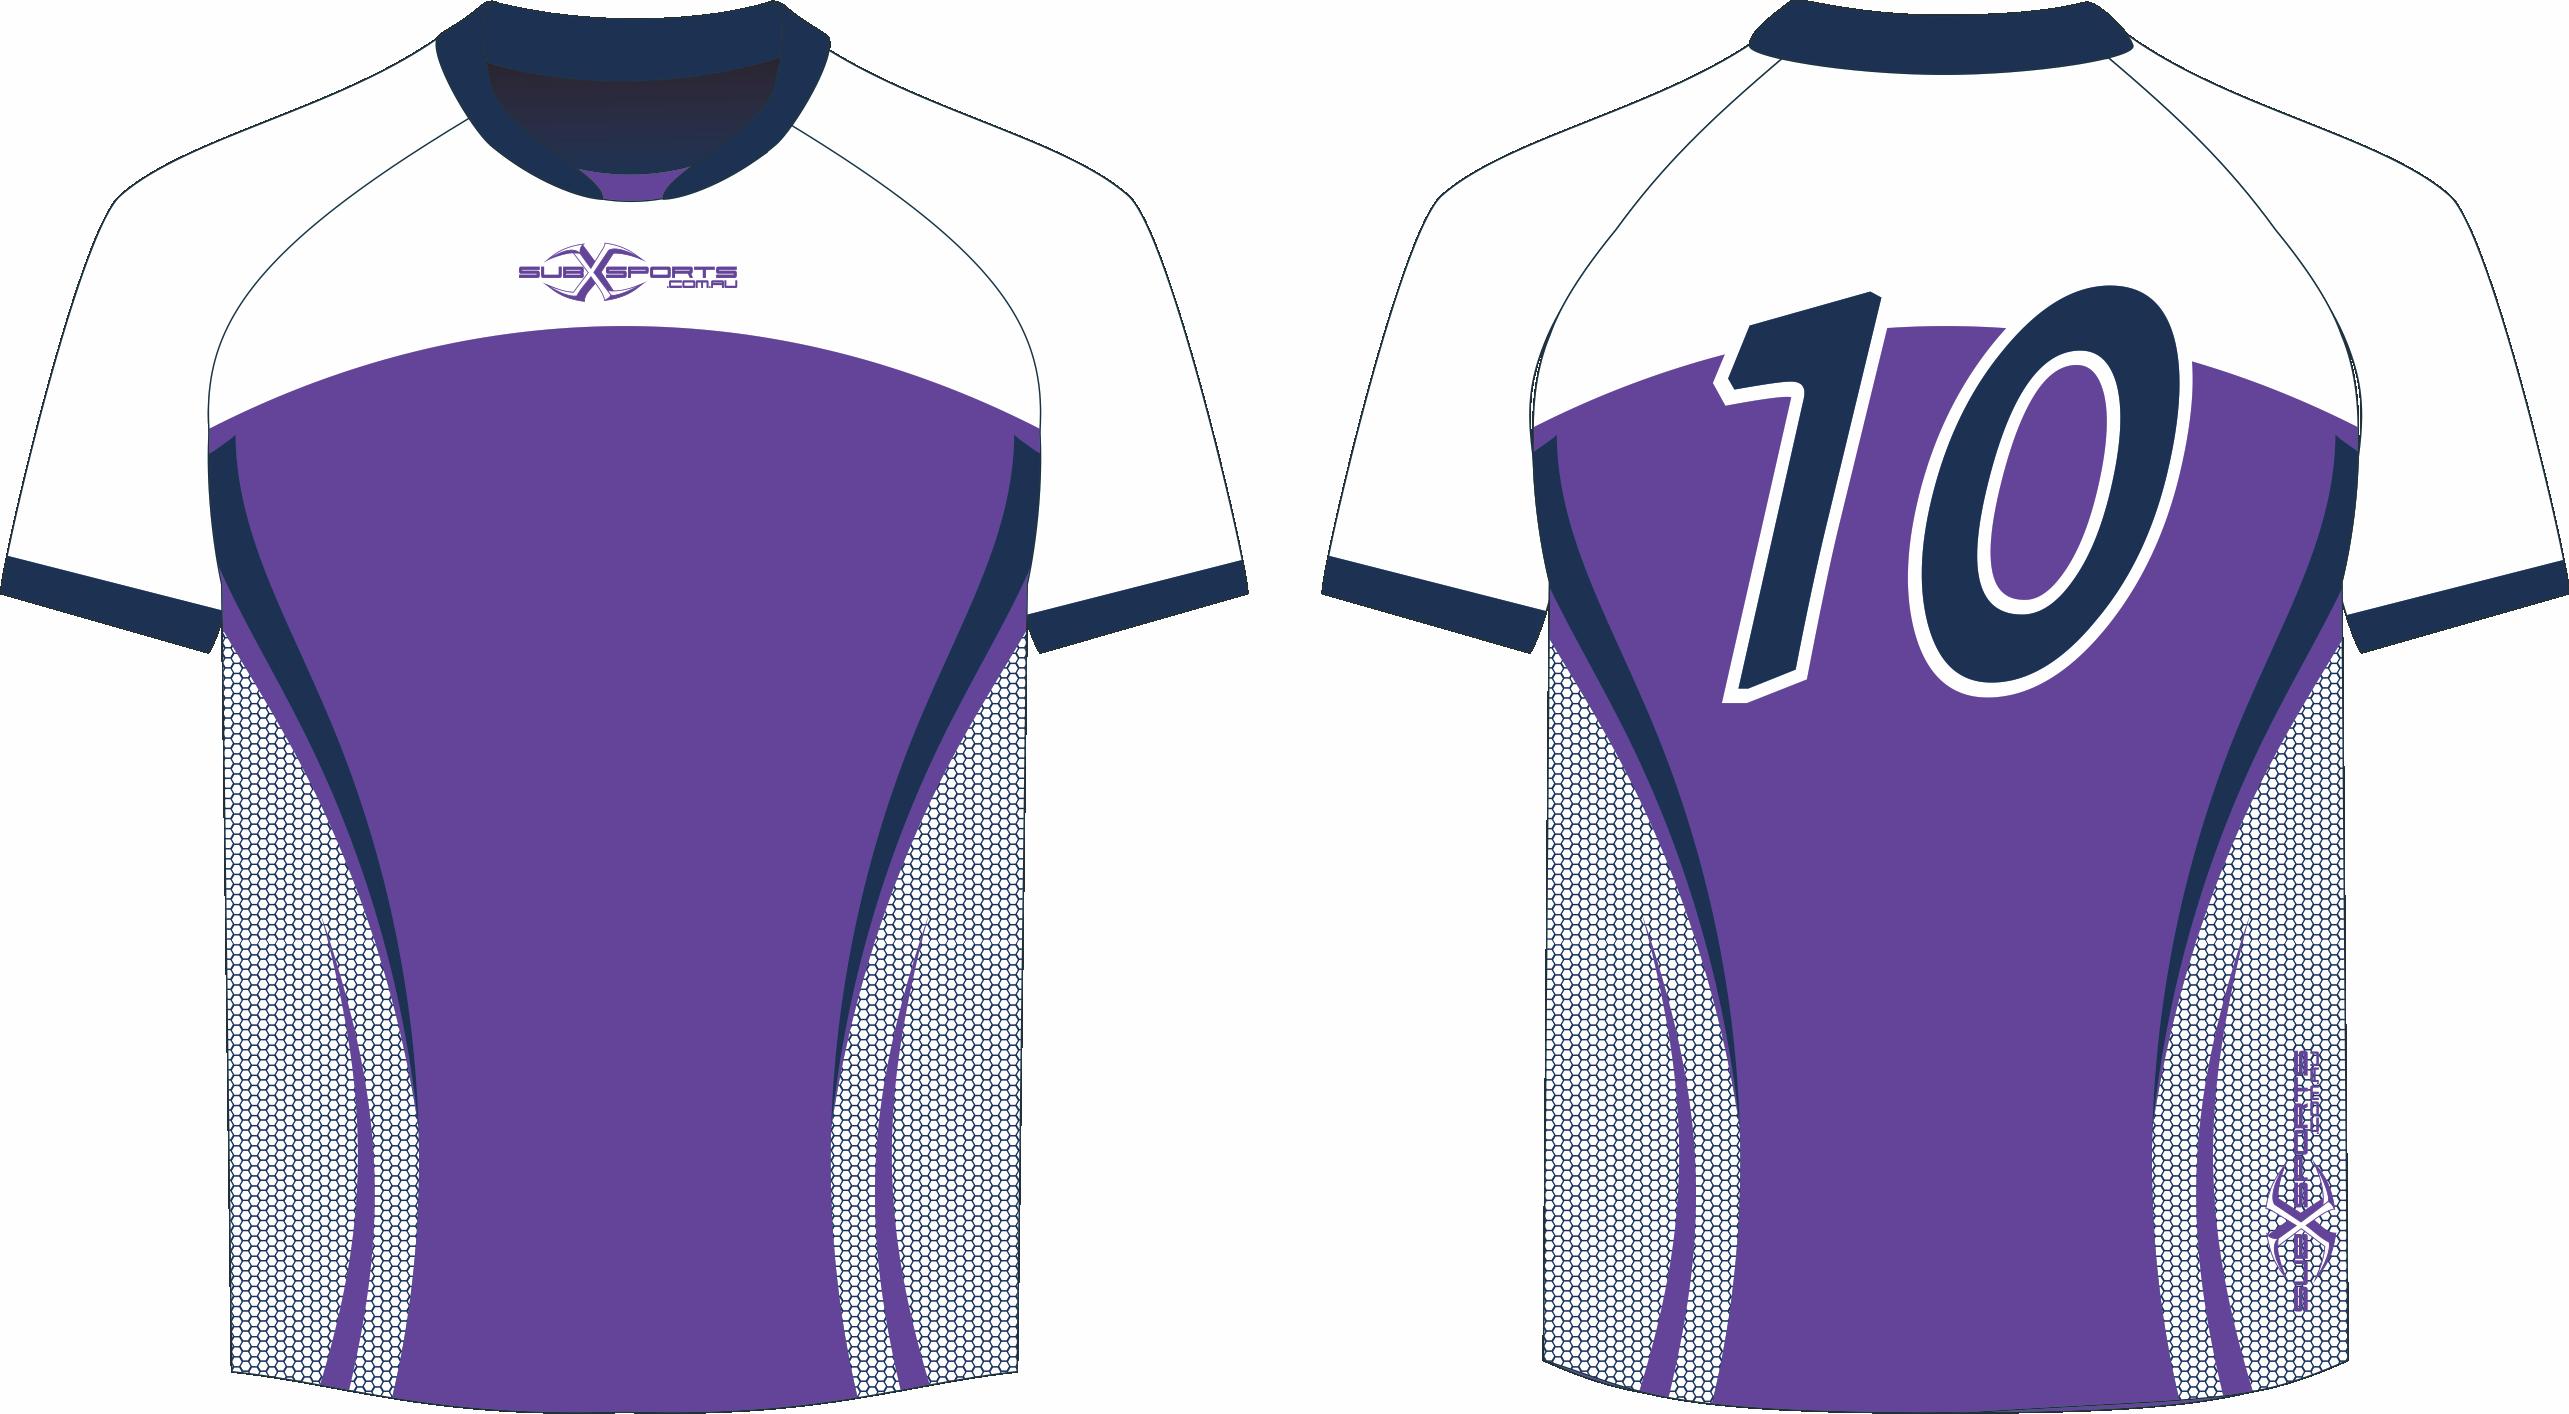 X302XJ Jersey Purple Navy White.png